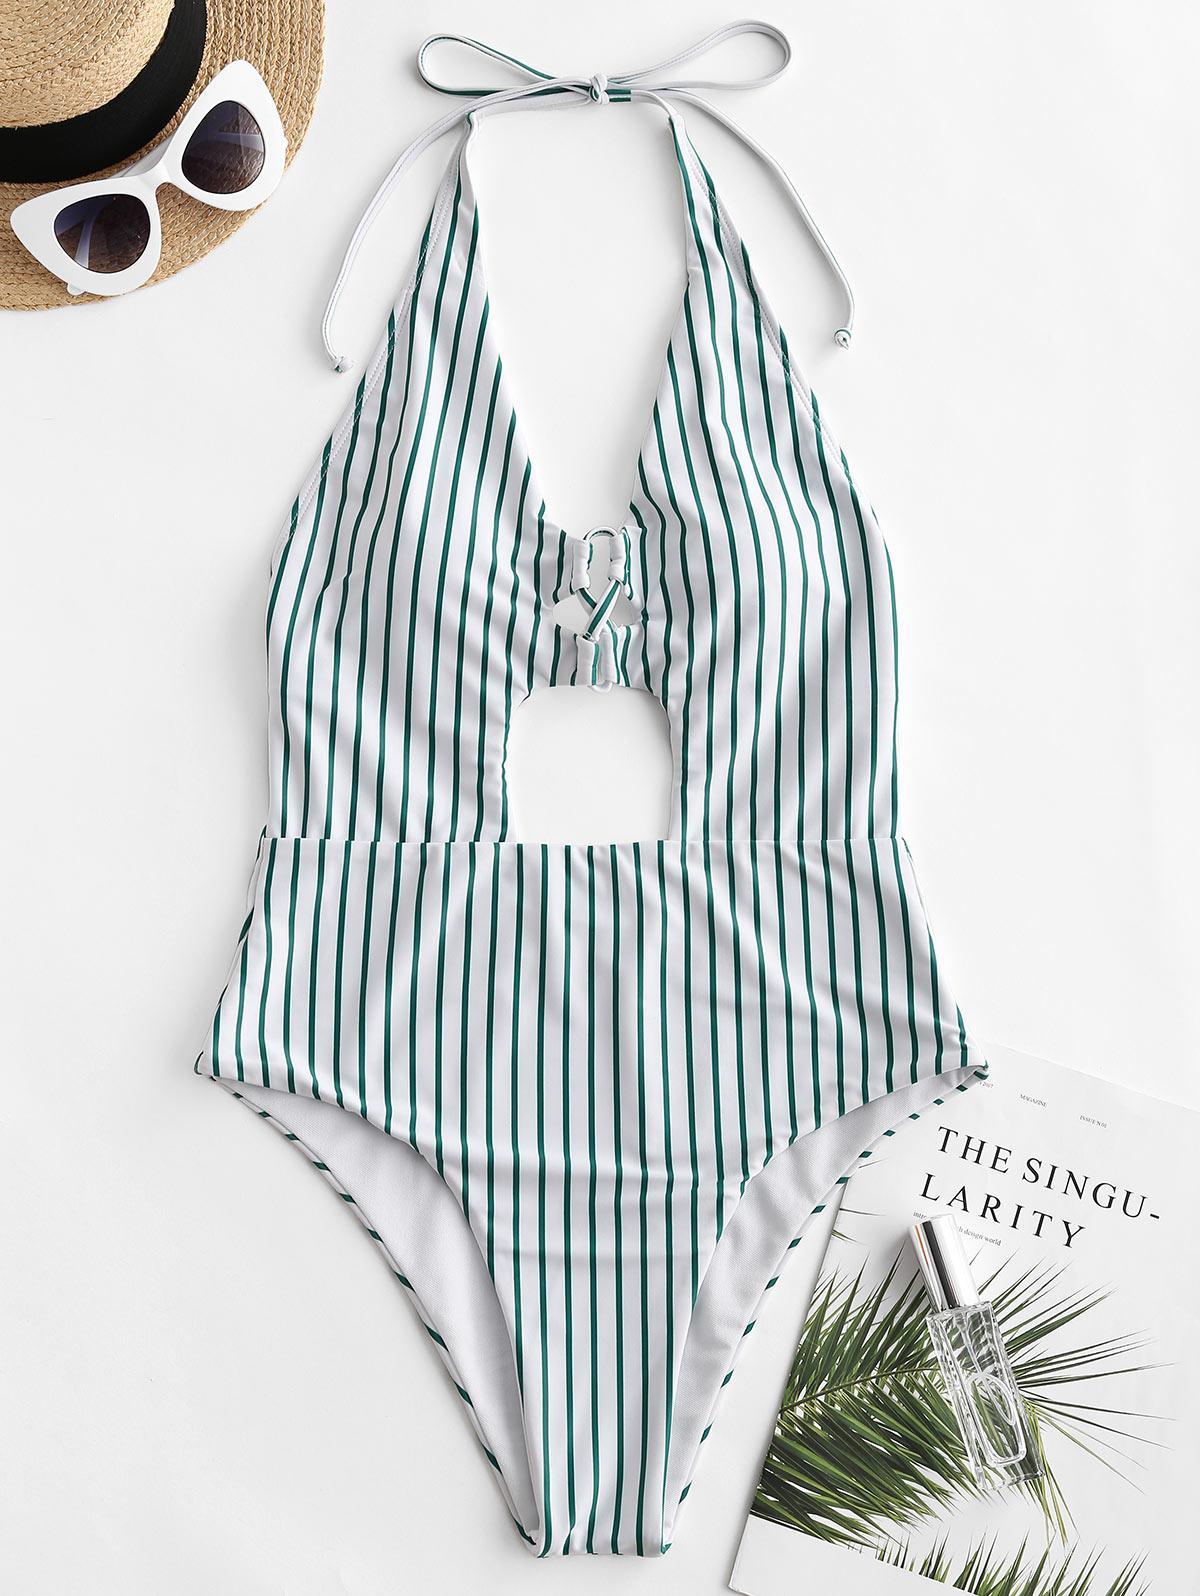 ZAFUL Striped Lace Up Cutout High Cut Backless Swimsuit thumbnail